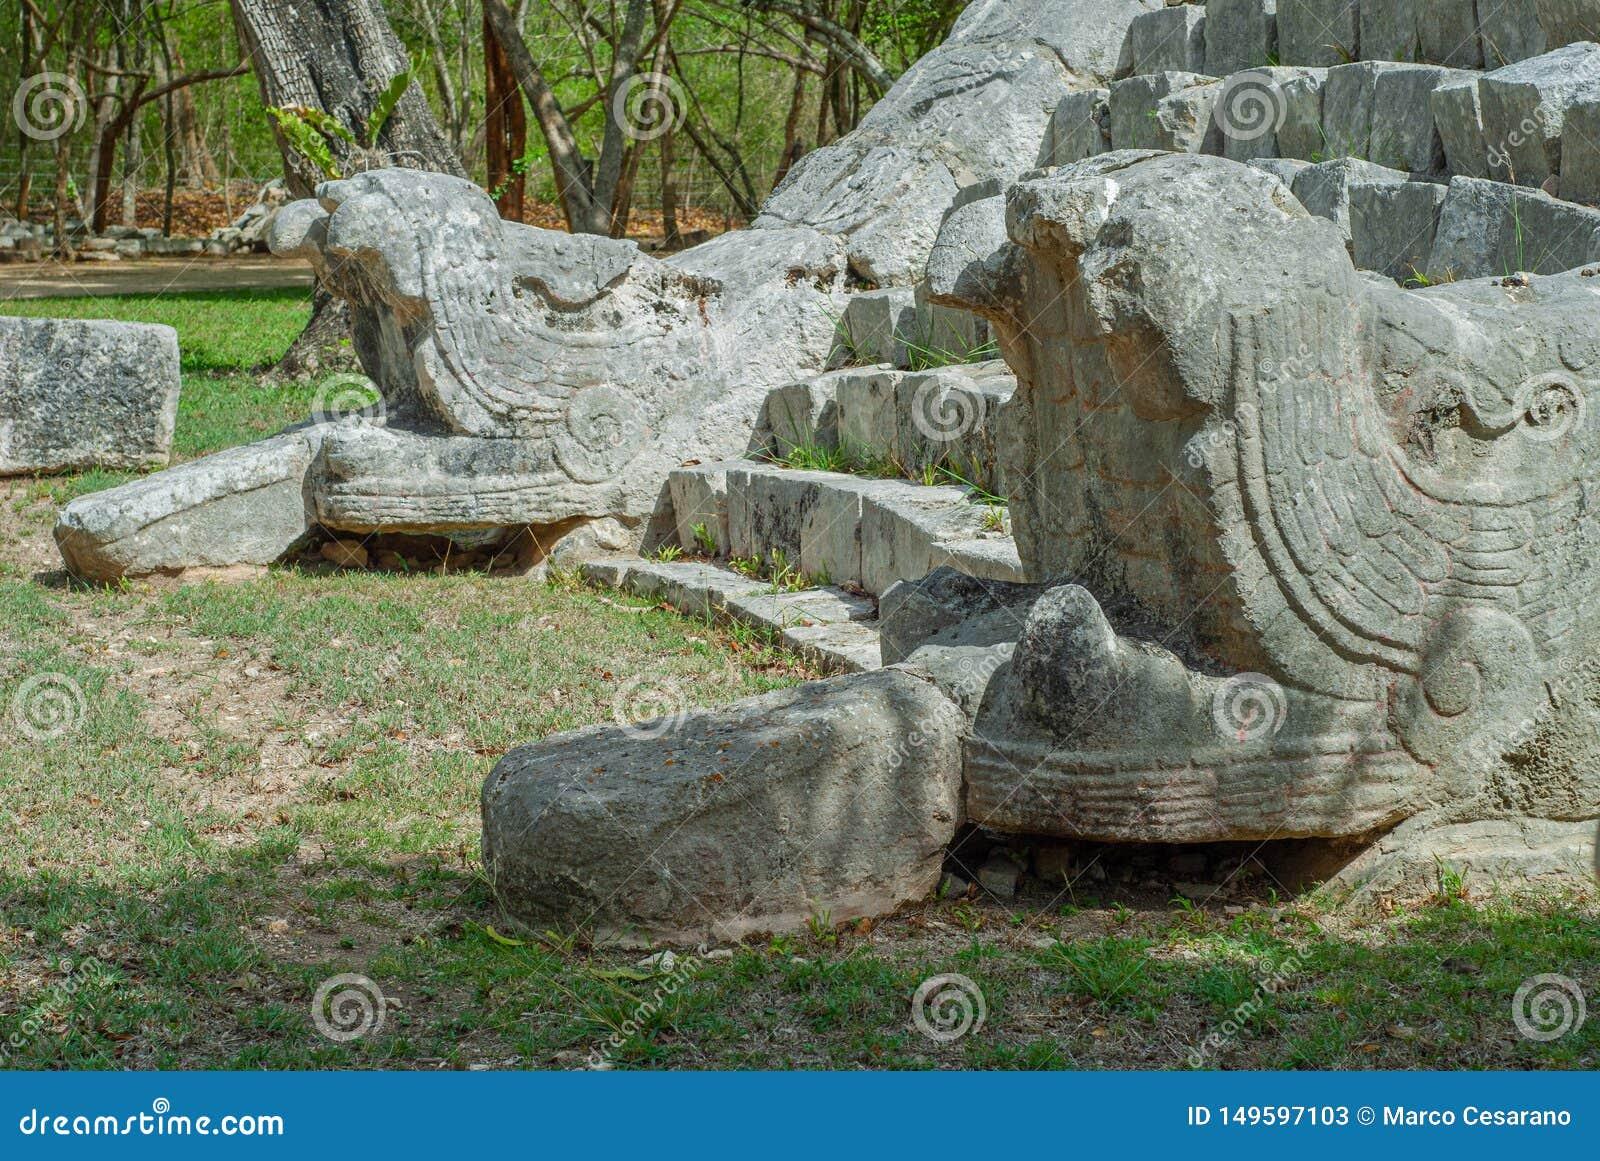 Ingångstrappa av en Mayan pyramid som visar två stenormar på sidorna, i det arkeologiska området av Chichen Itza